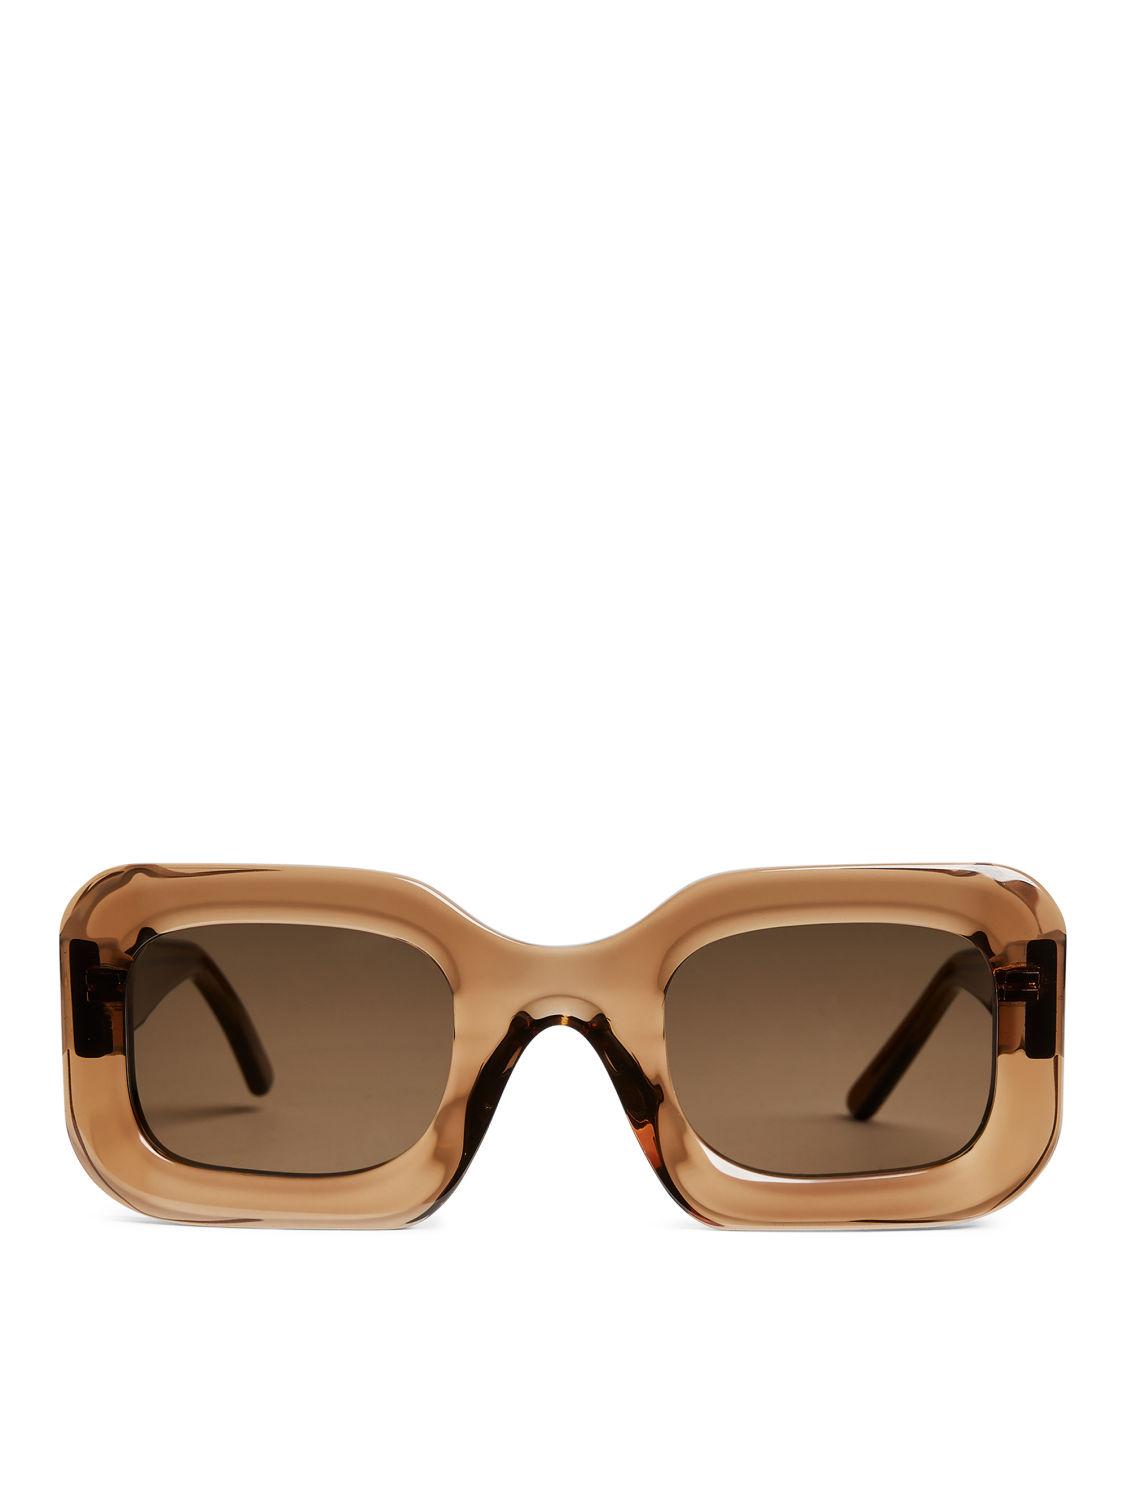 delantera Donna las y gafas en de Ace sol de Imagen Tate marrón Arket Bq6Uw6SZy